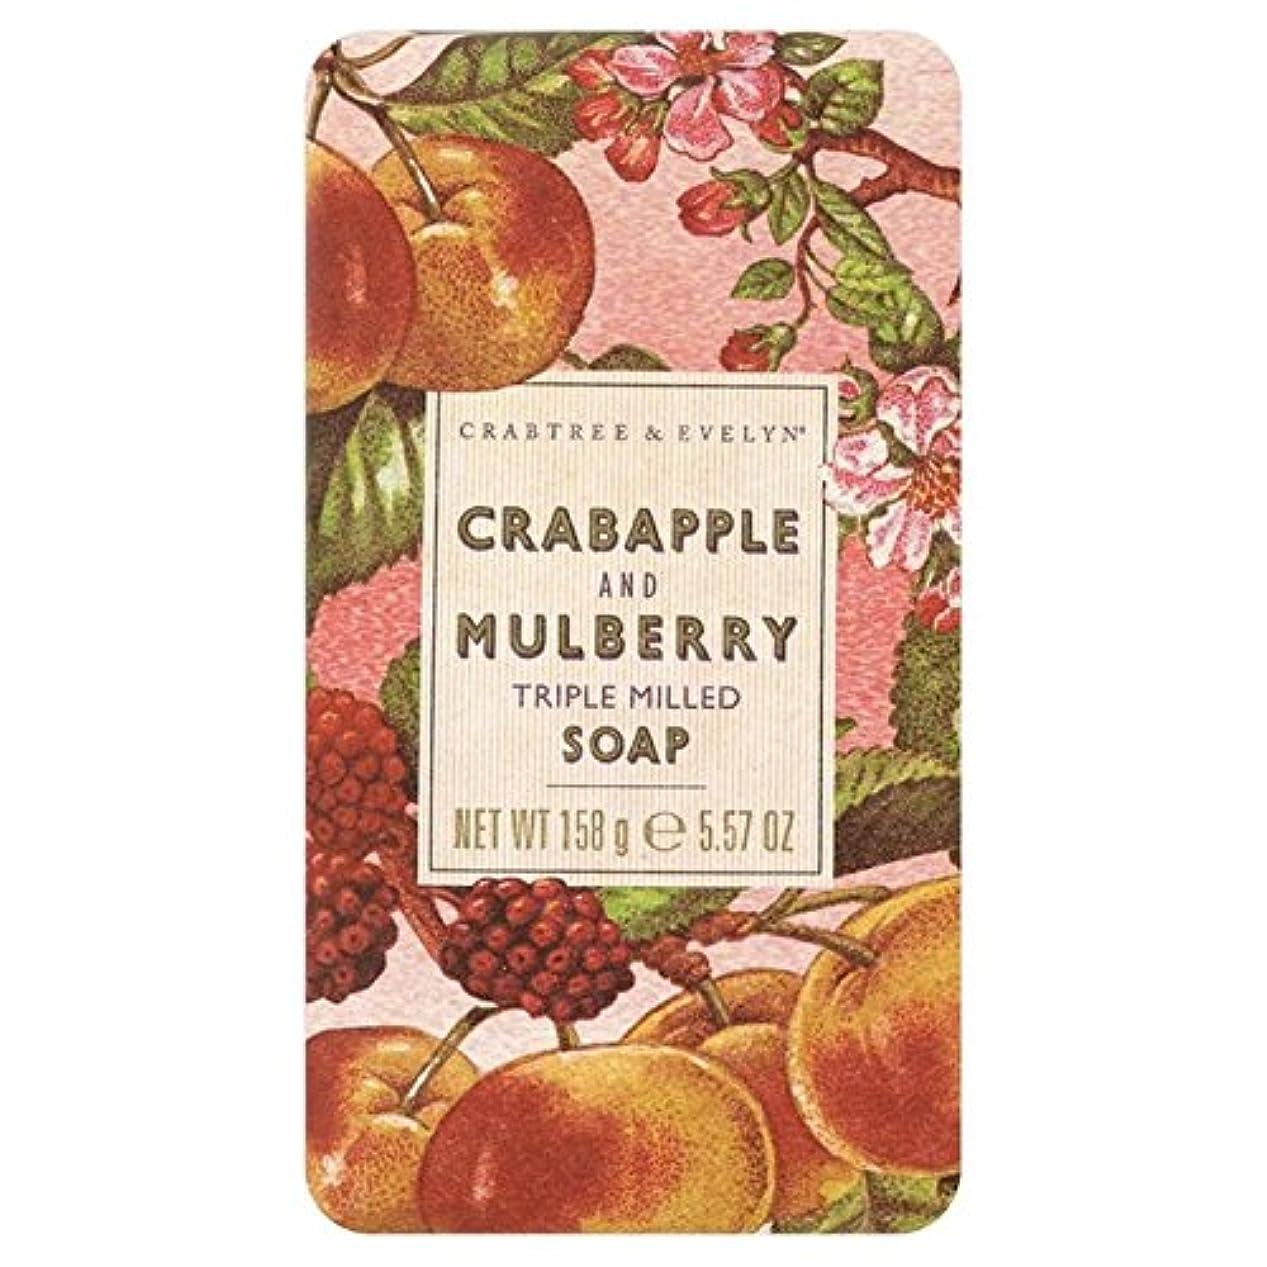 詩呪われたセクションクラブツリー&イヴリンと桑遺産石鹸150グラム x2 - Crabtree & Evelyn Crabapple and Mulberry Heritage Soap 150g (Pack of 2) [並行輸入品]